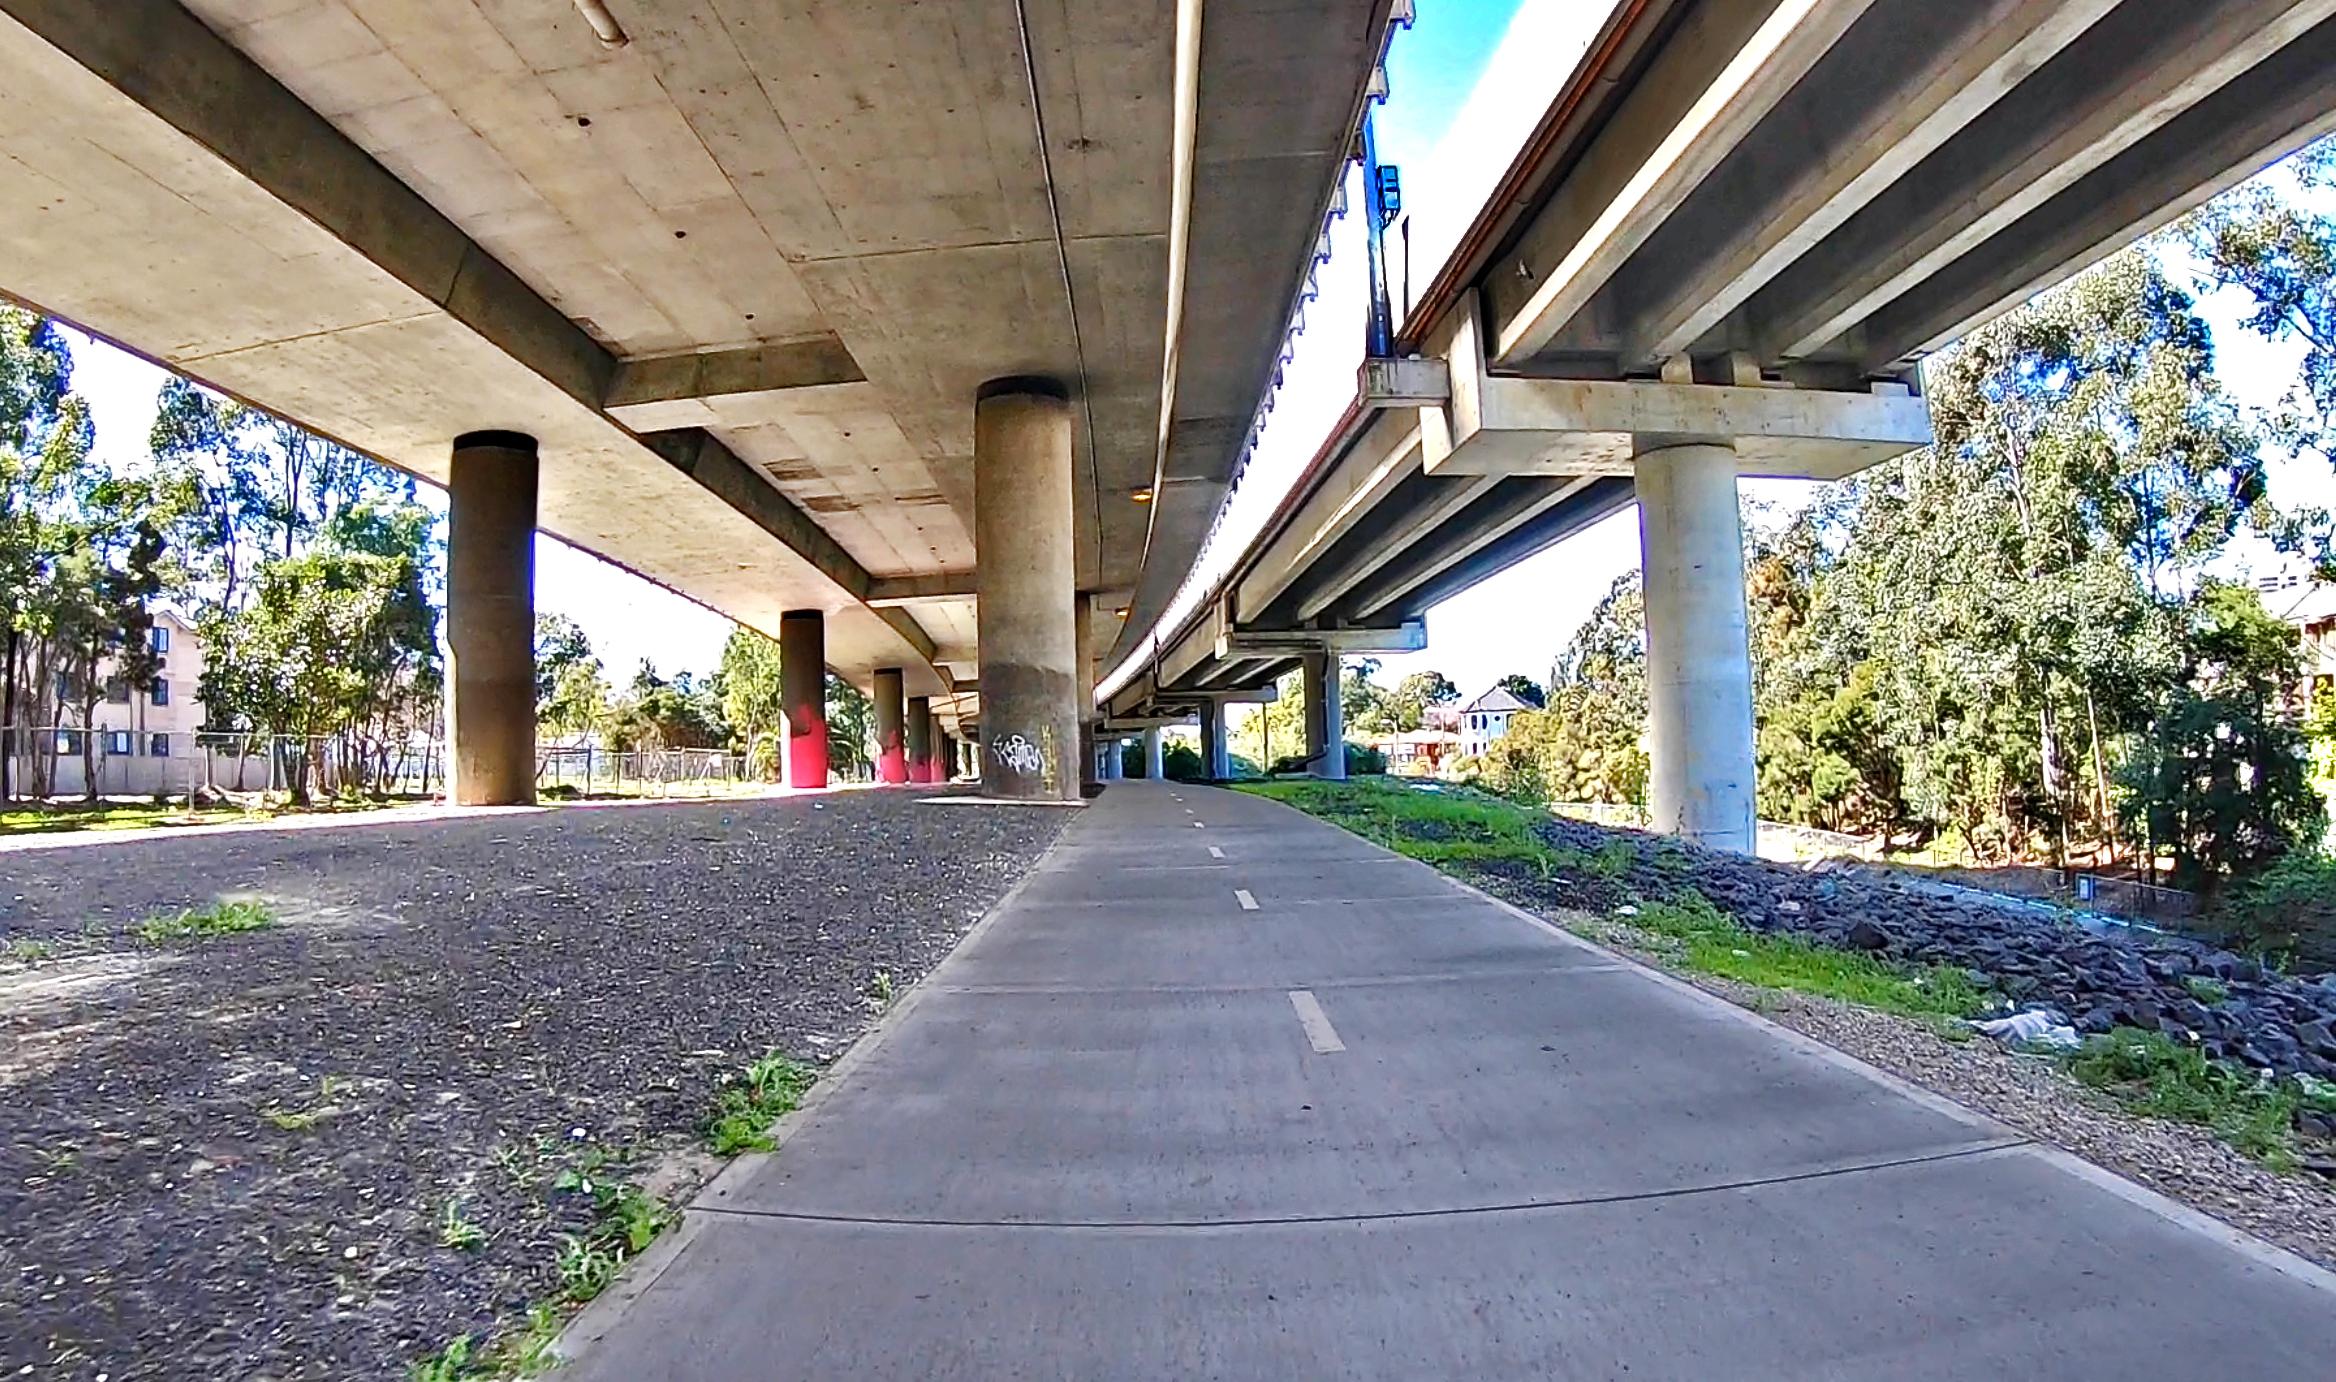 7-under-motorway